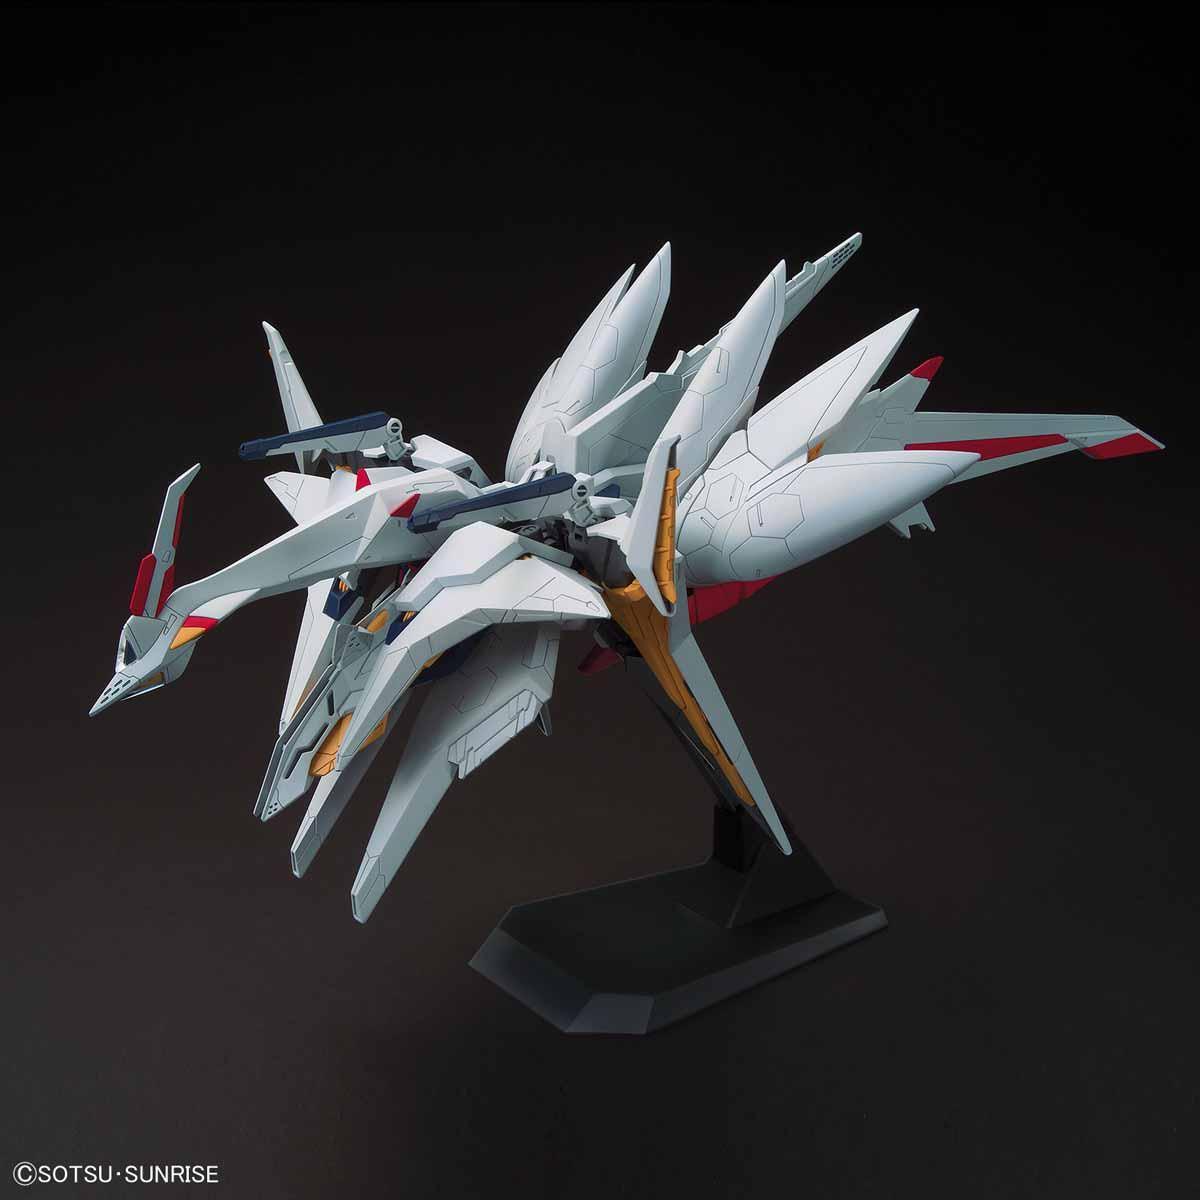 【再販】HGUC 1/144『ペーネロペー』機動戦士ガンダム 閃光のハサウェイ プラモデル-007